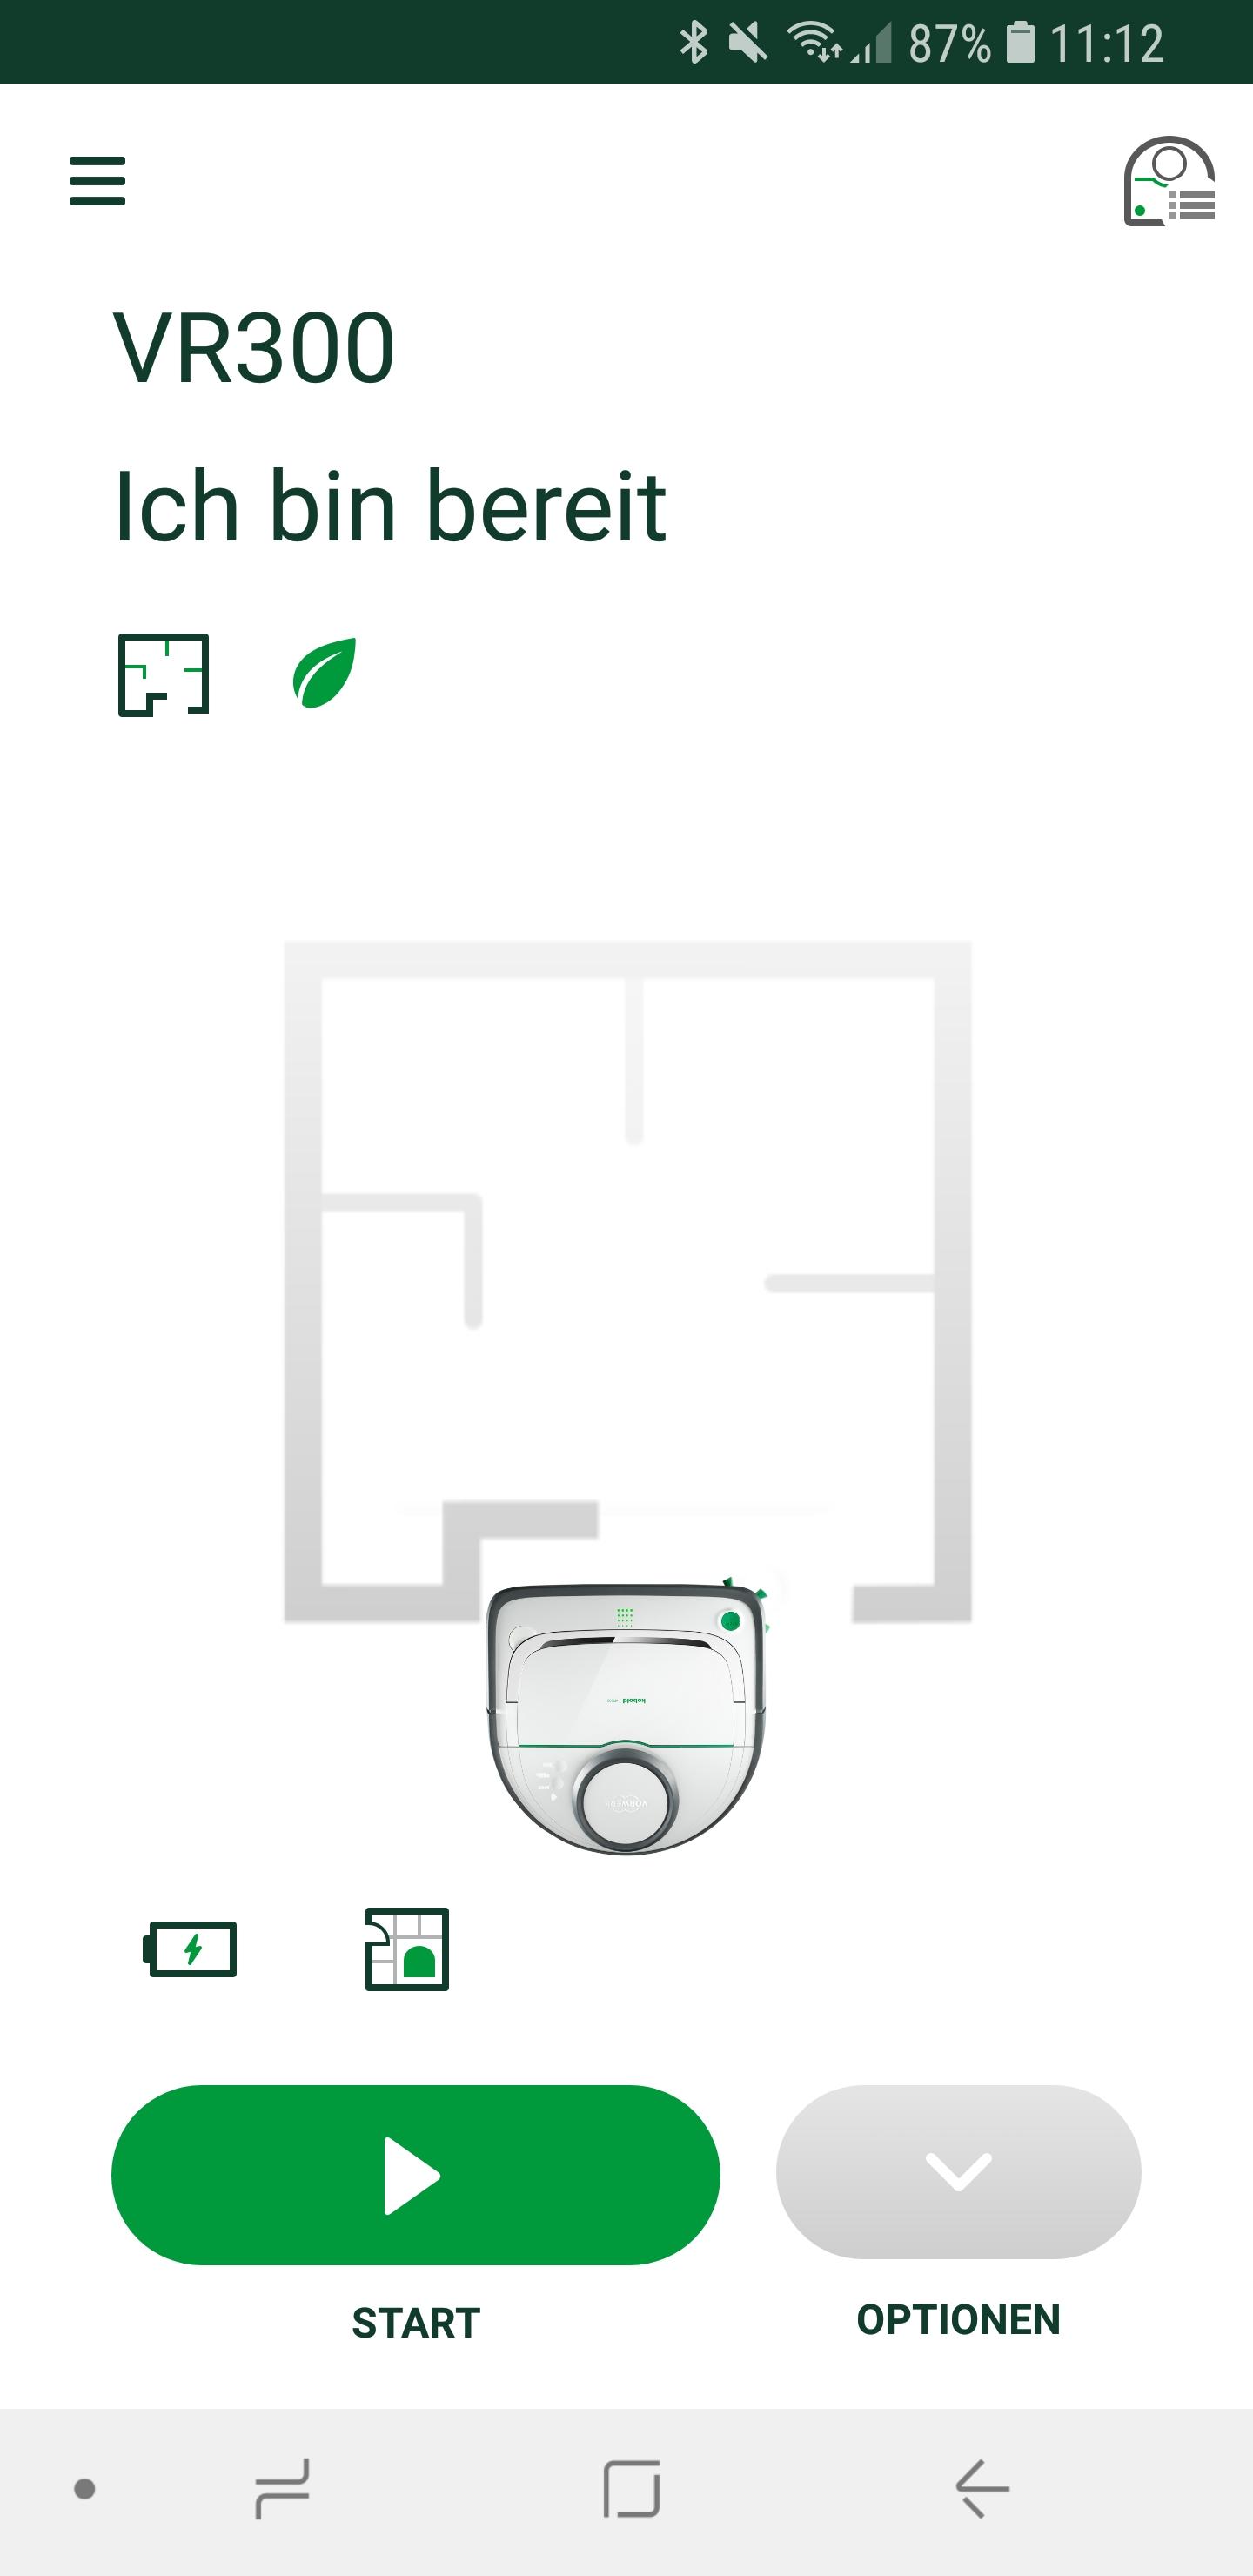 Vorwerk-Kobold-VR300-App-Details-1